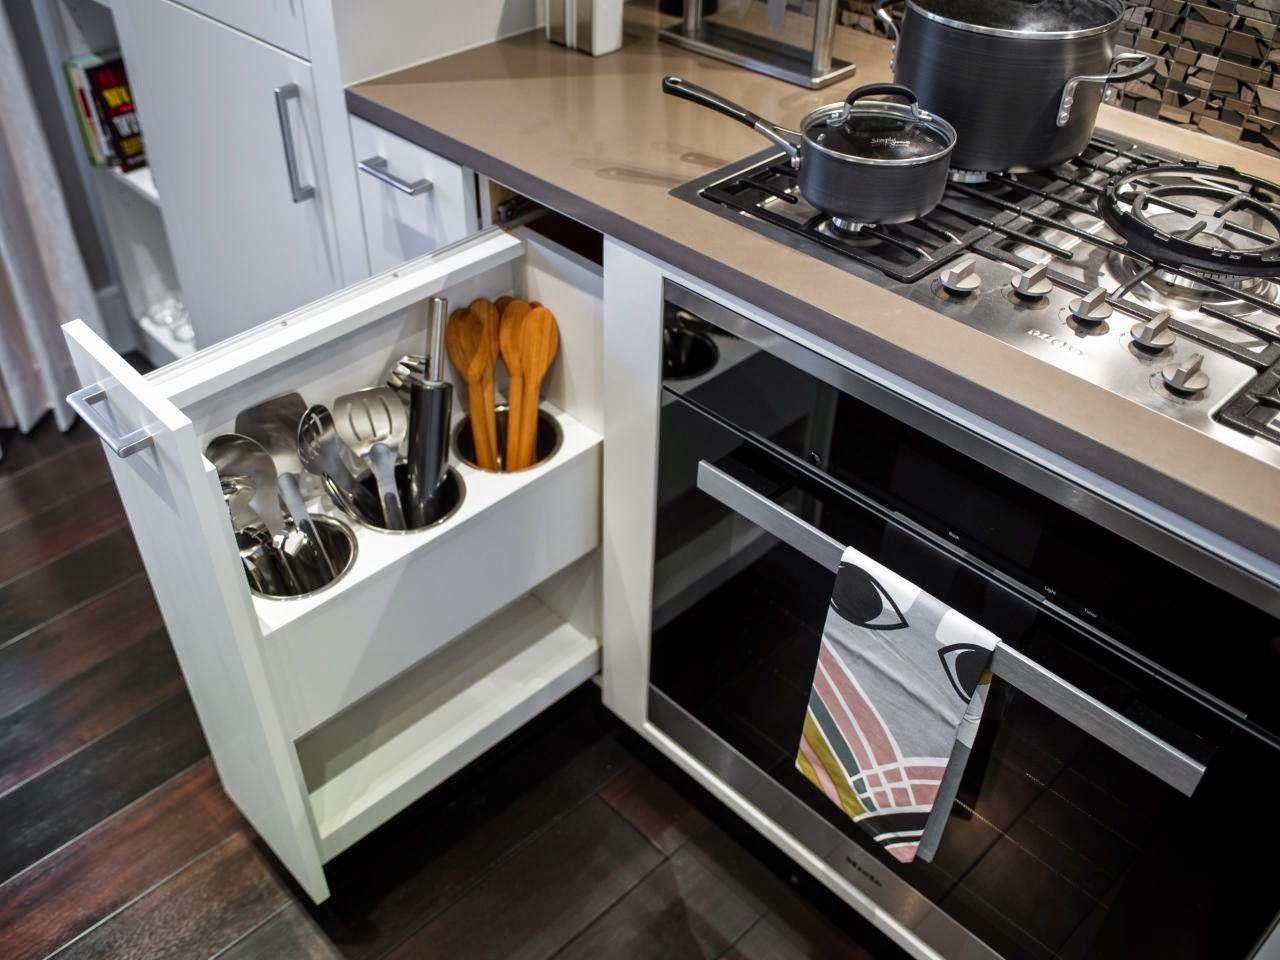 divisoria para gavetas cozinha - Pesquisa Google   gavetas   Pinterest